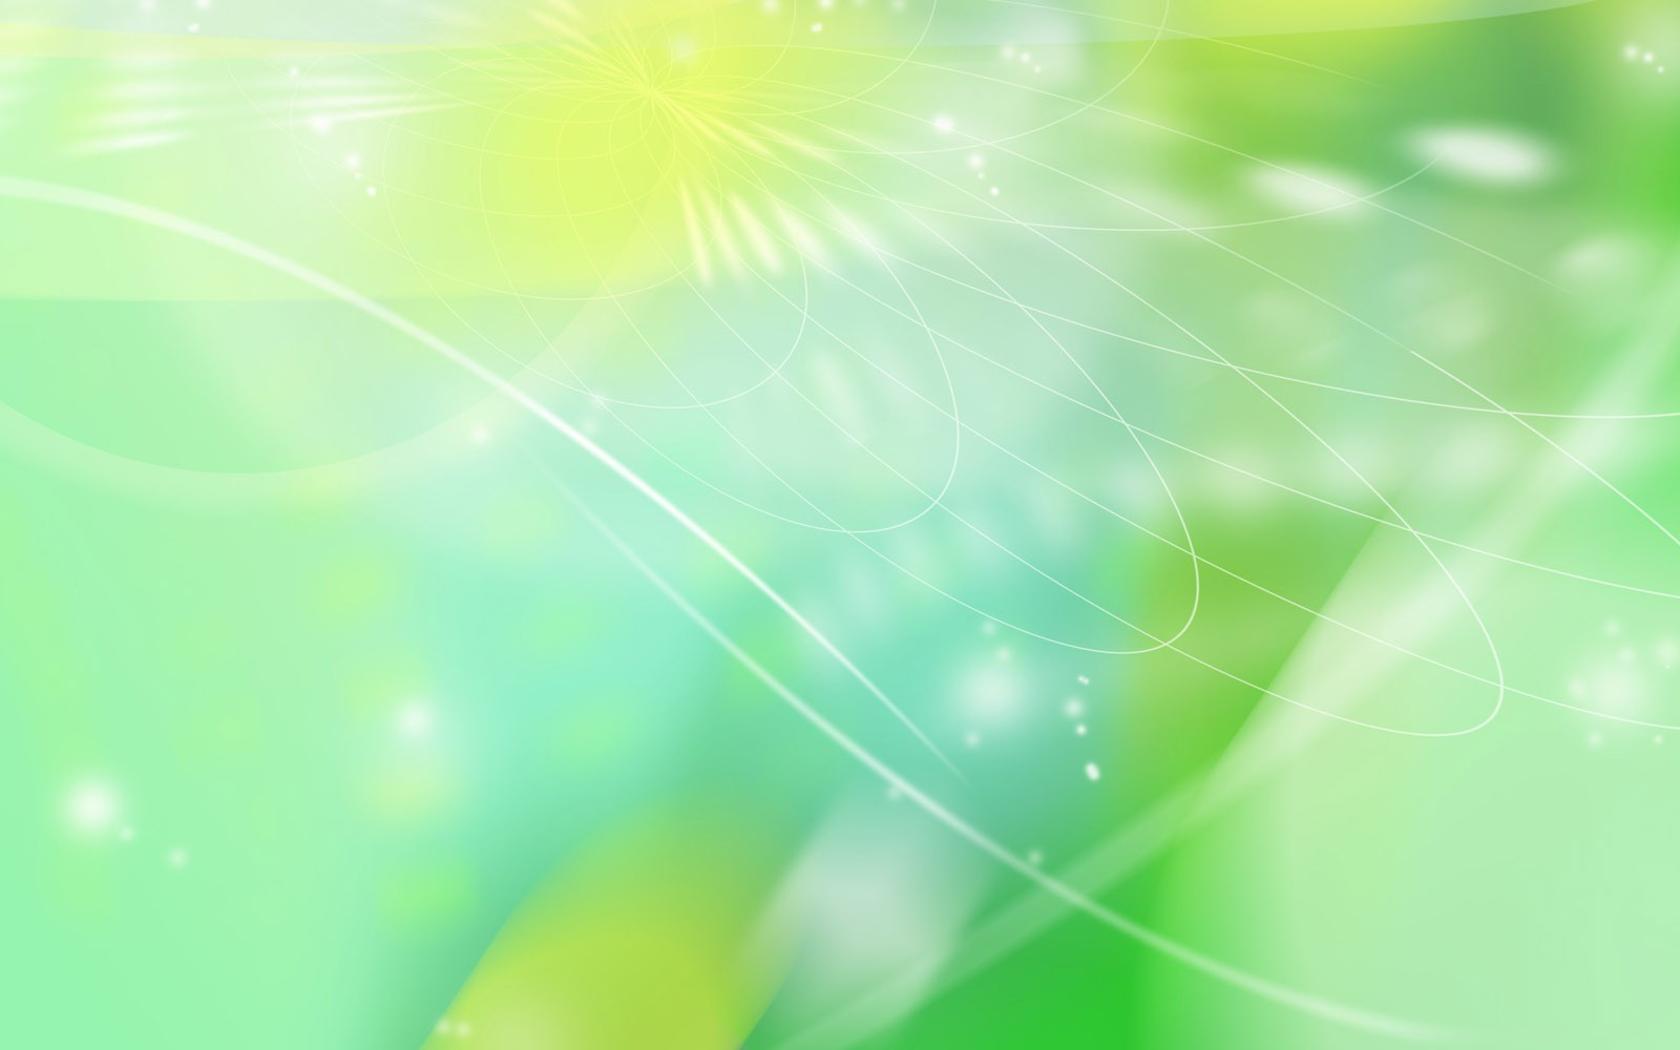 Green Wallpaper   Colors Wallpaper 34511114 1680x1050